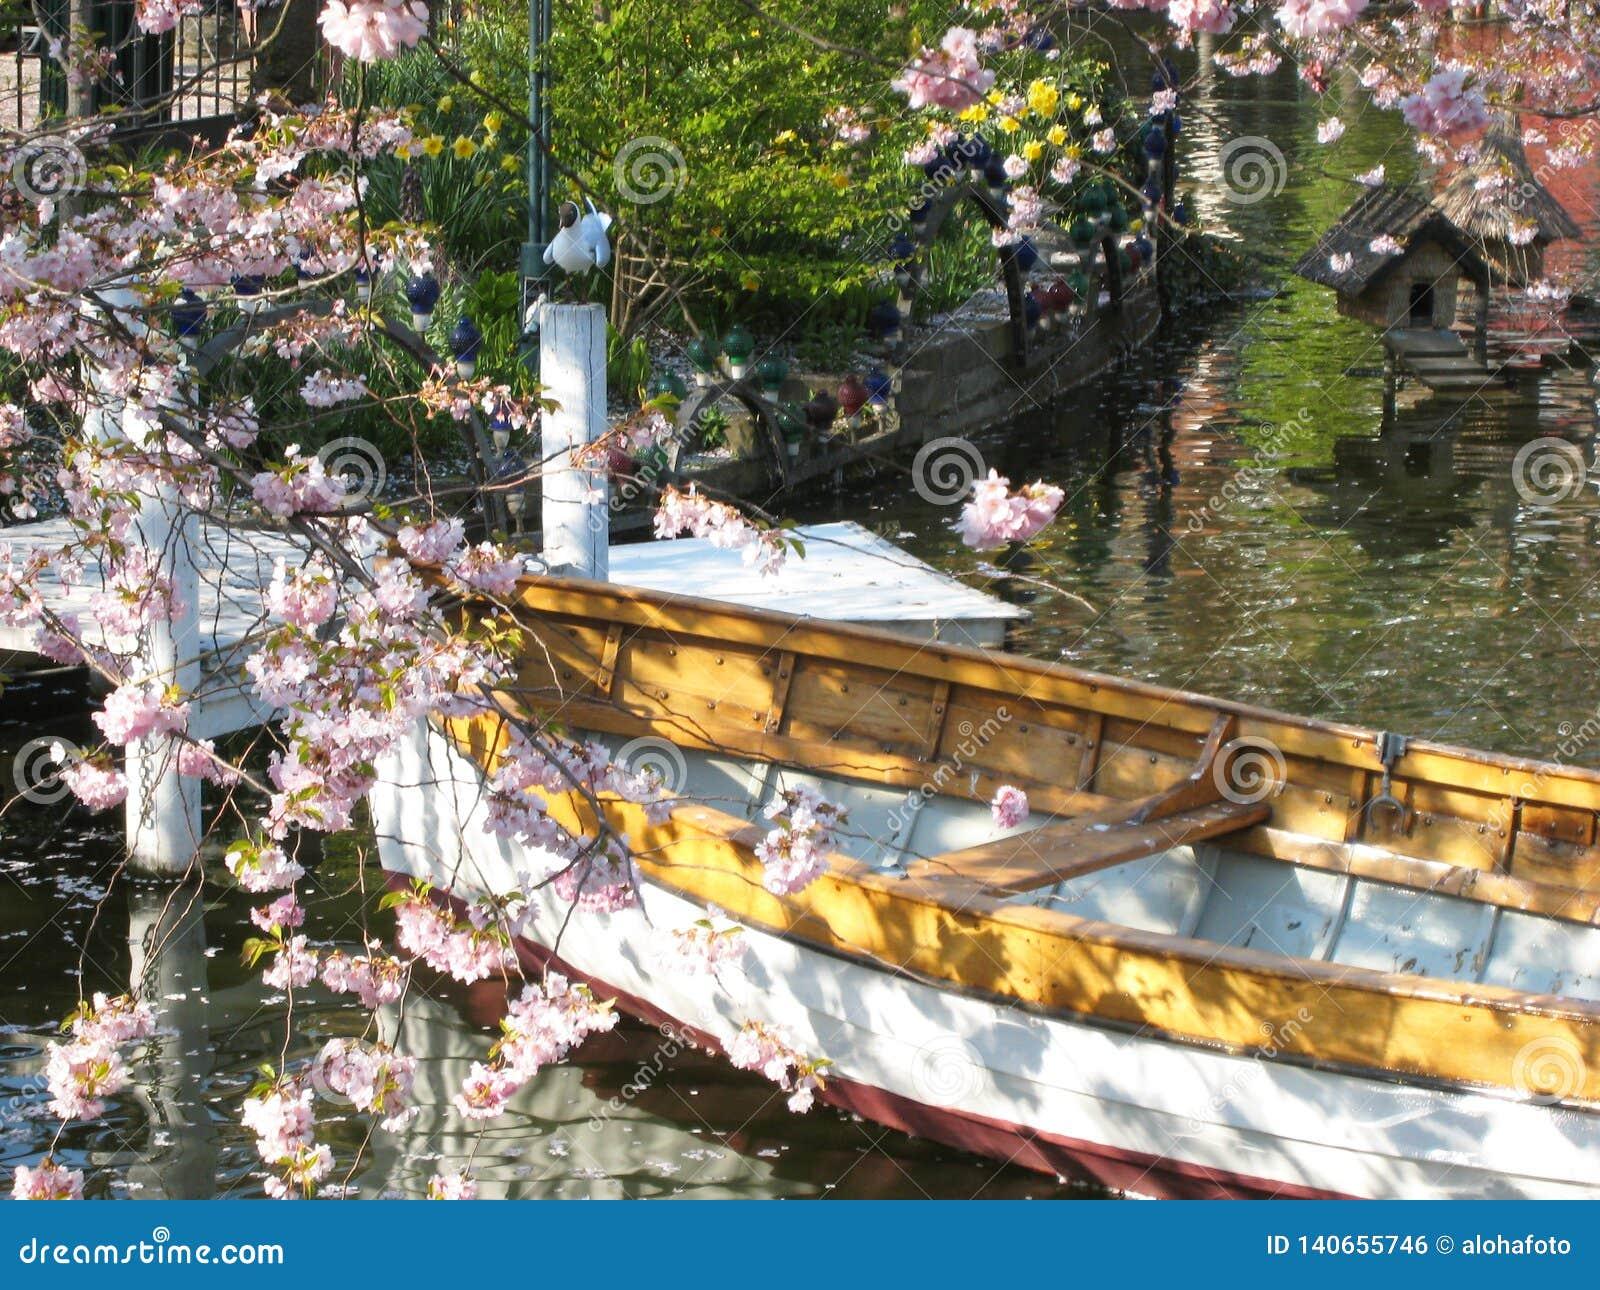 Υπέροχα η άποψη μιας ξύλινης βάρκας στην Κοπεγχάγη στη Δανία που περιβάλλεται θαλασσίως †‹â€ ‹ανθίζει σε μια μικρή λίμνη